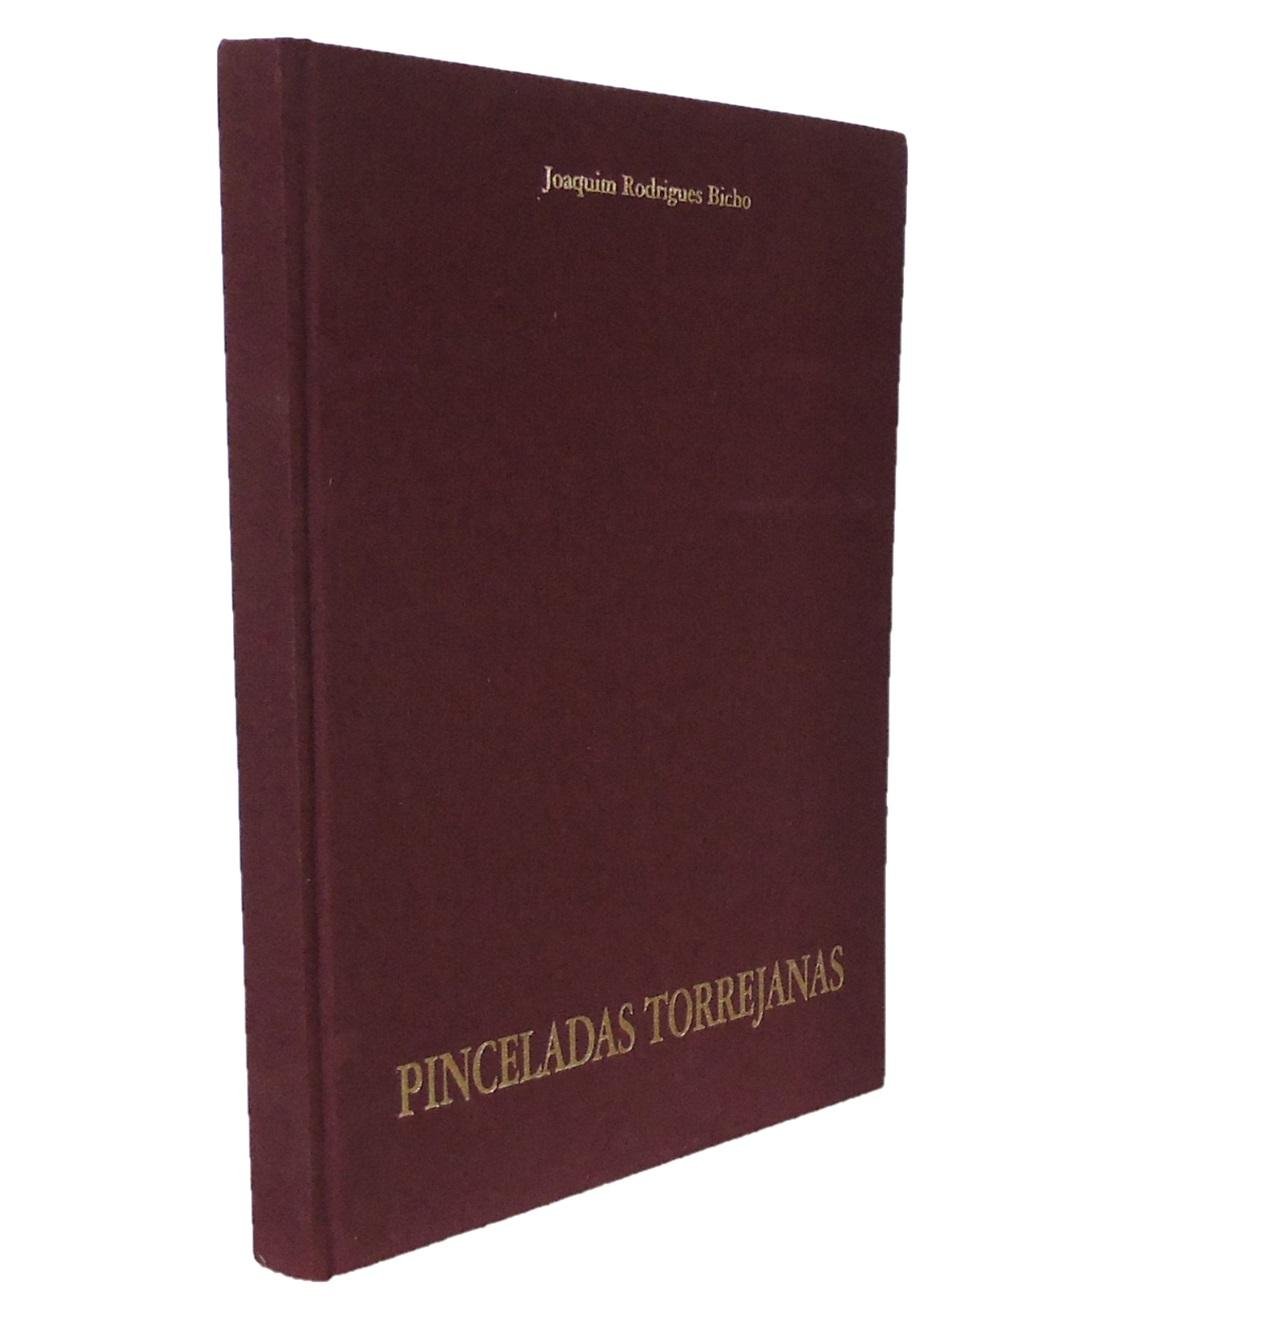 PINCELADAS TORREJANAS. Etnografia. História. Património